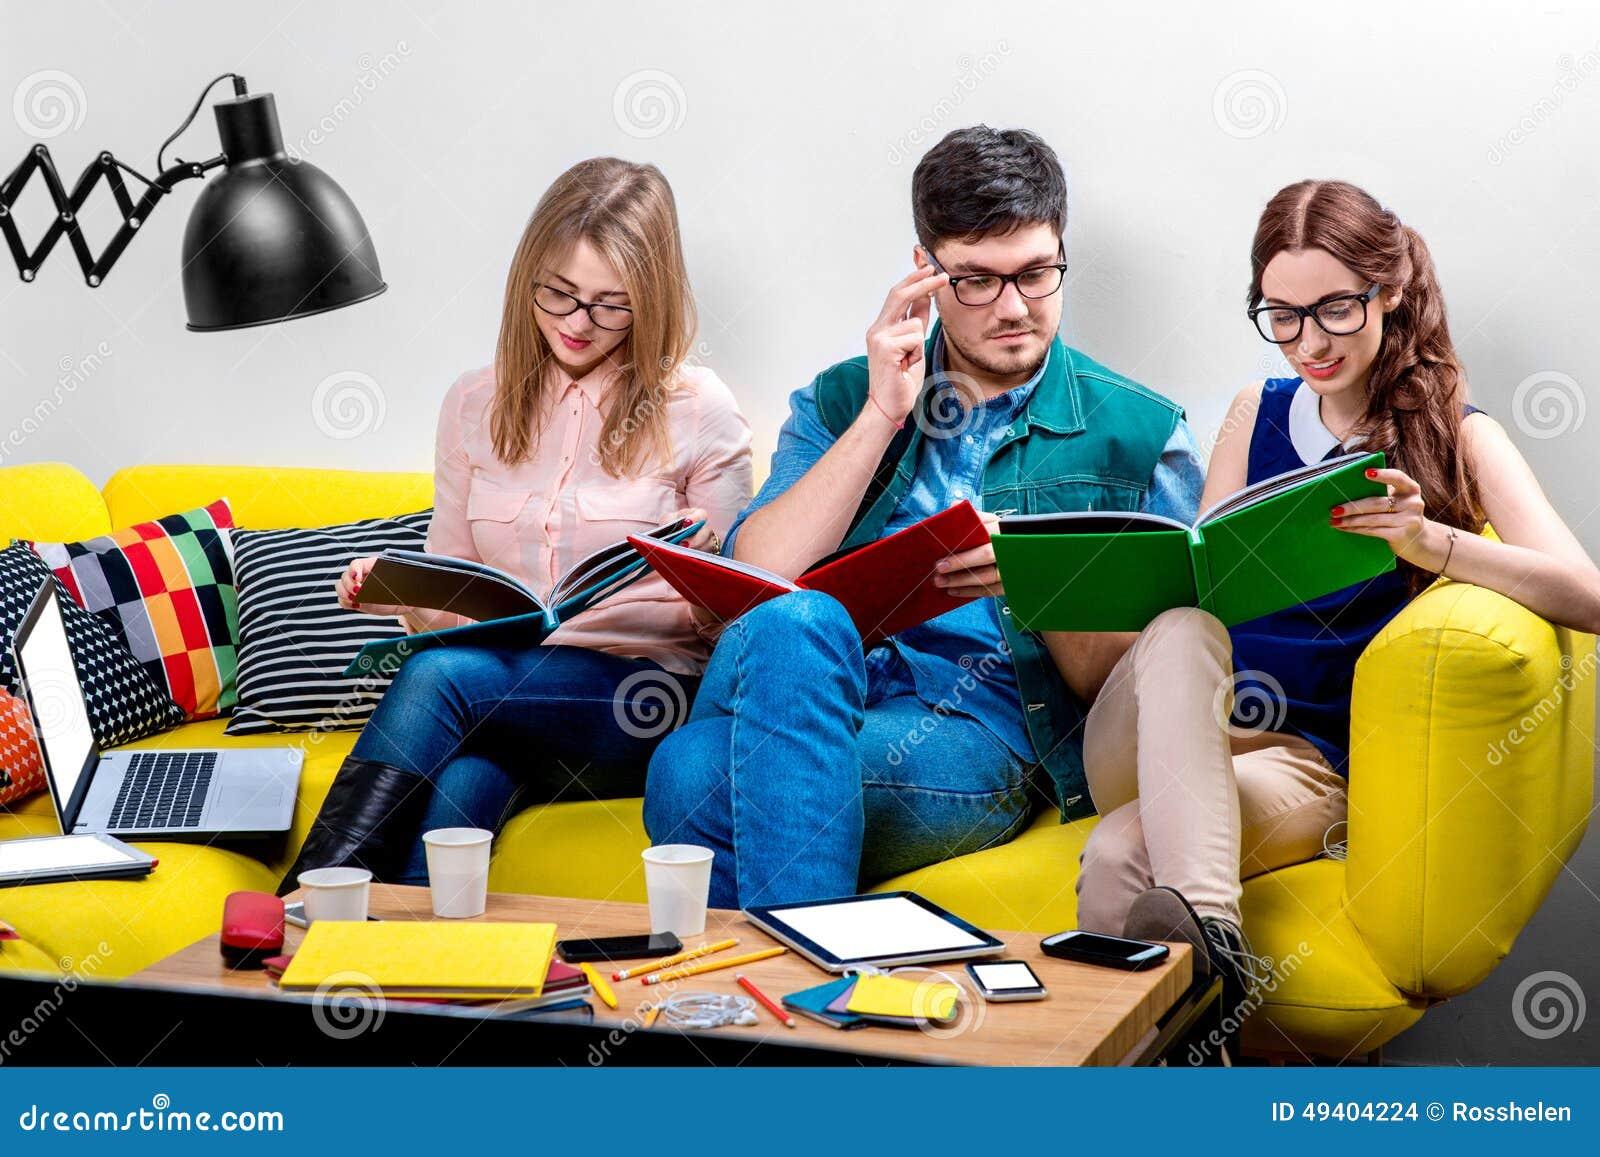 Download Studenten, Die An Der Couch Arbeiten Stockfoto - Bild von bunt, gruppe: 49404224